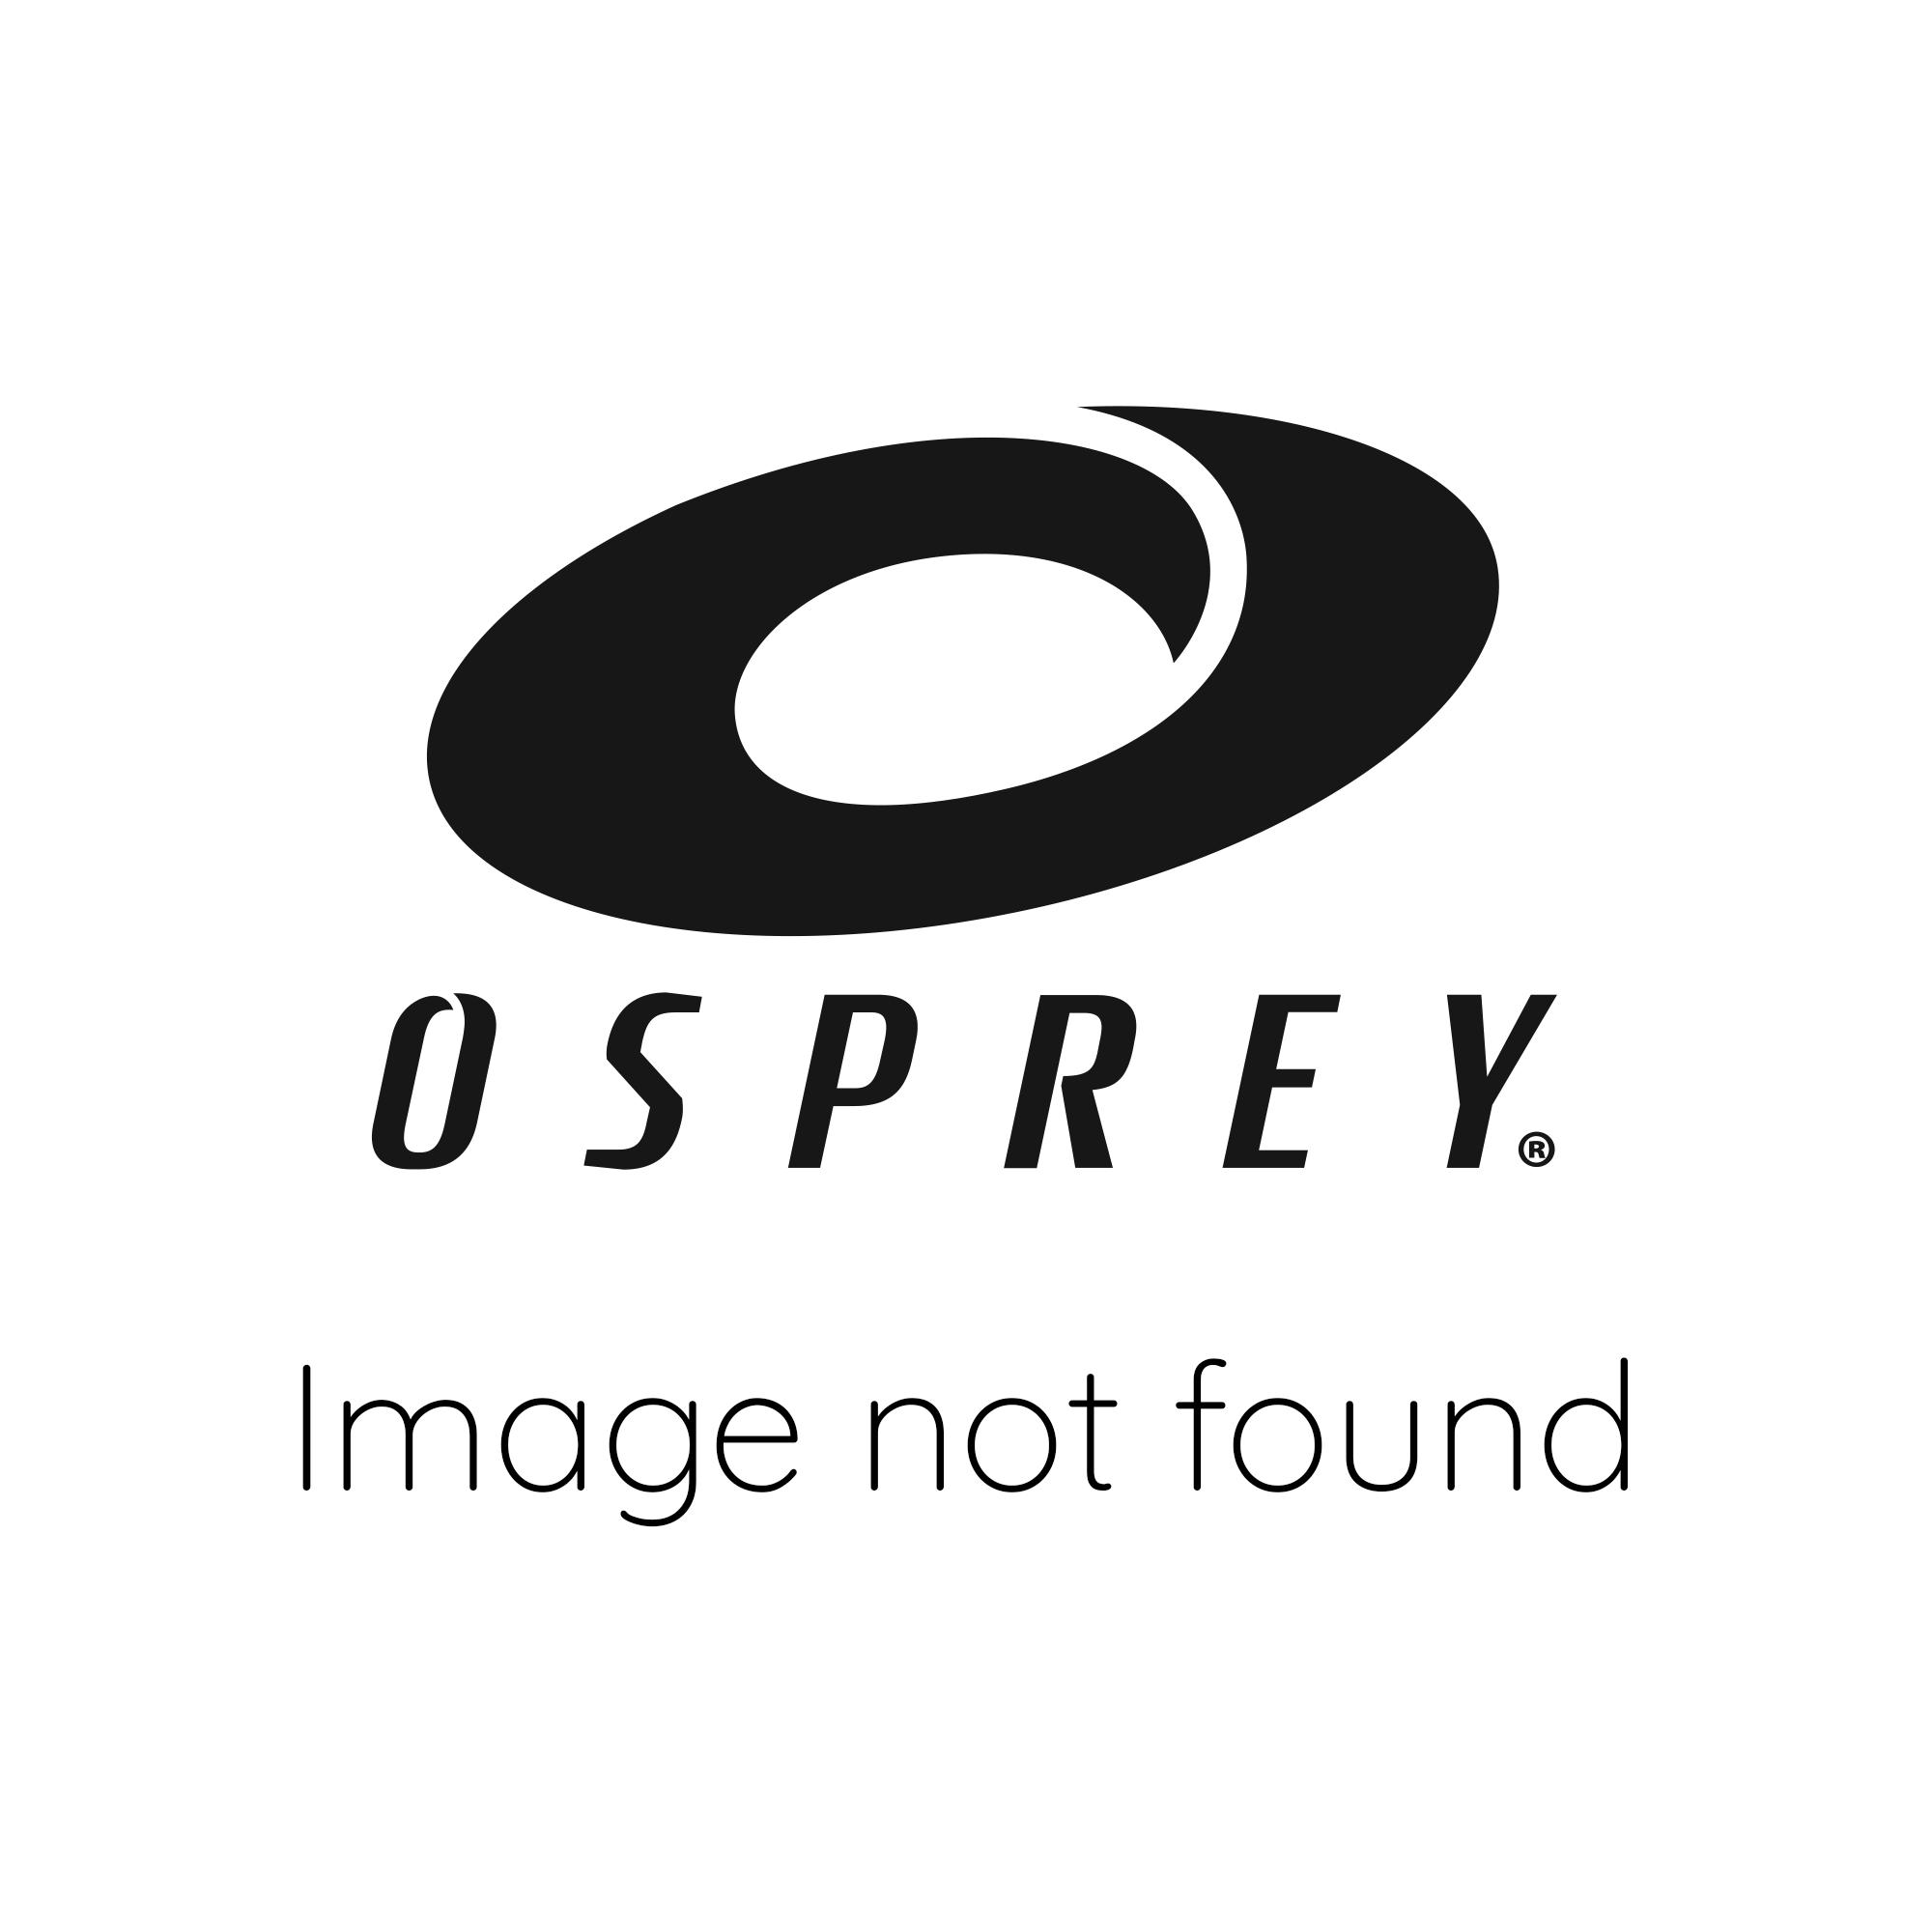 Osprey 5ft 8in Foamie Surfboard